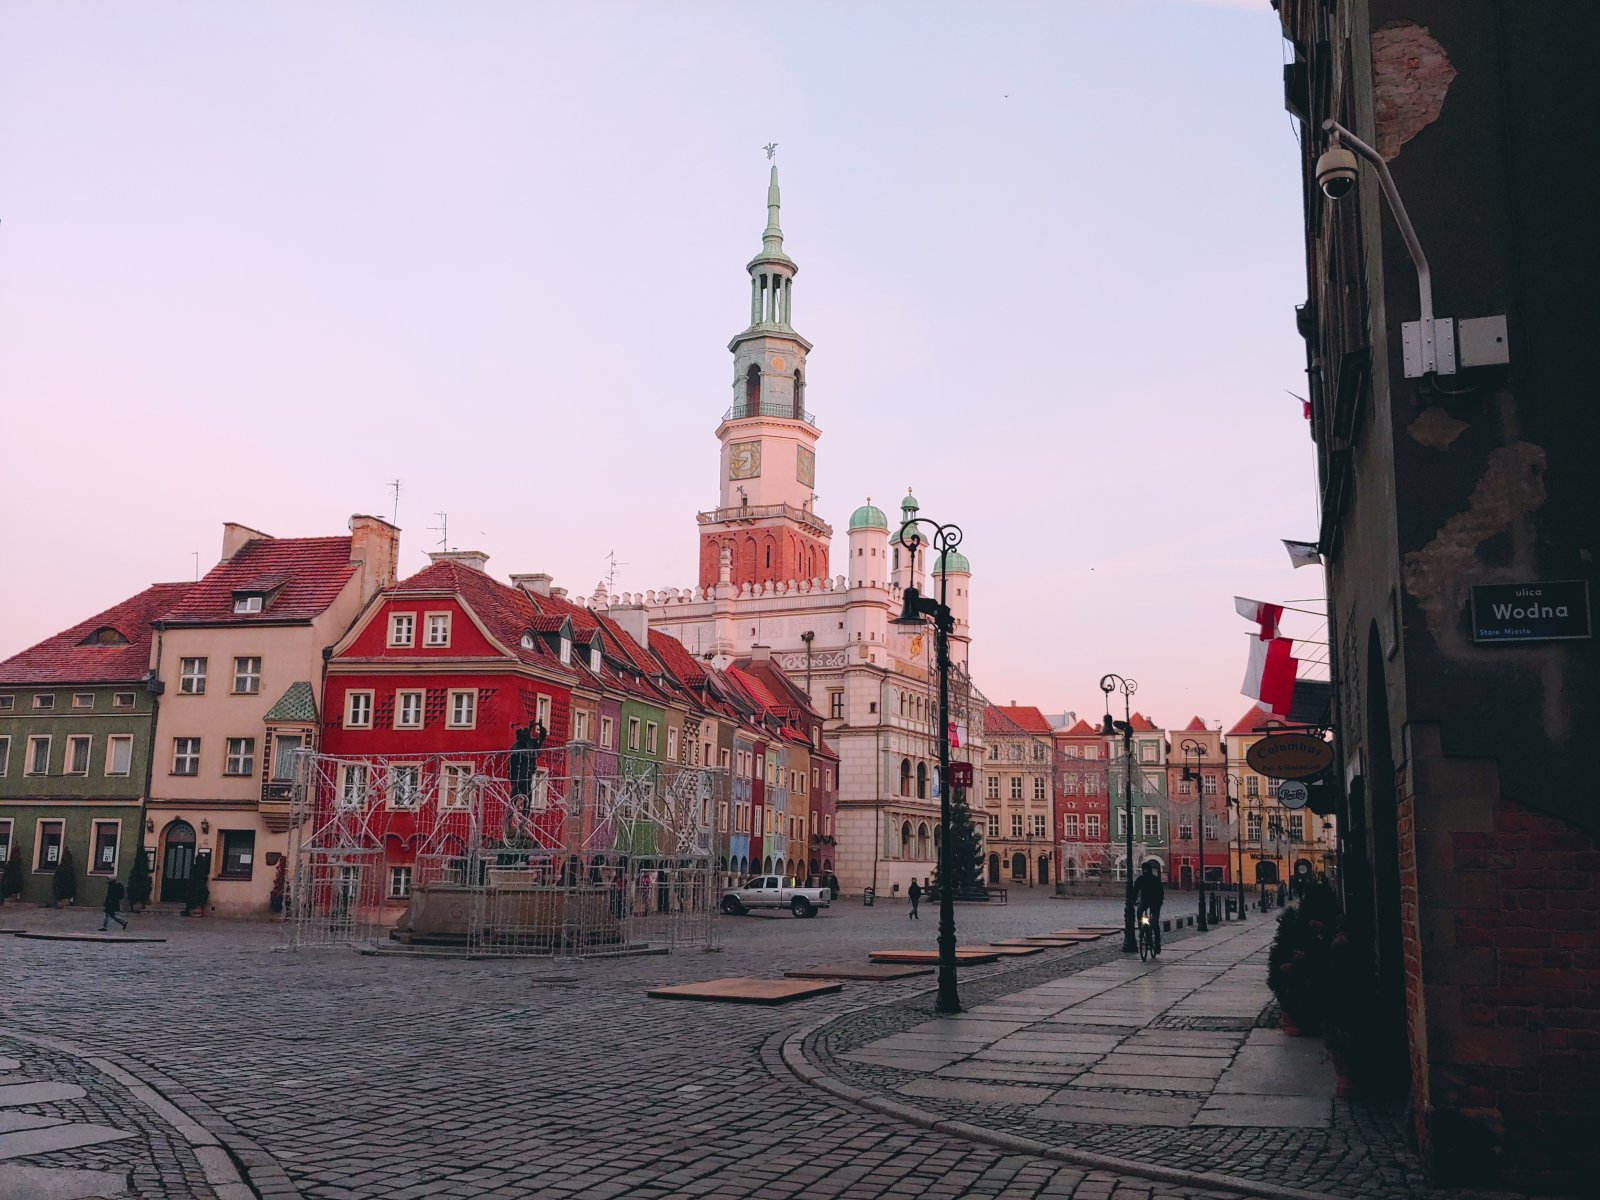 To samo ujęcie i różne filtry fotograficzne w LG G7 ThinQ - Michał Brożyński - 90sekund.pl